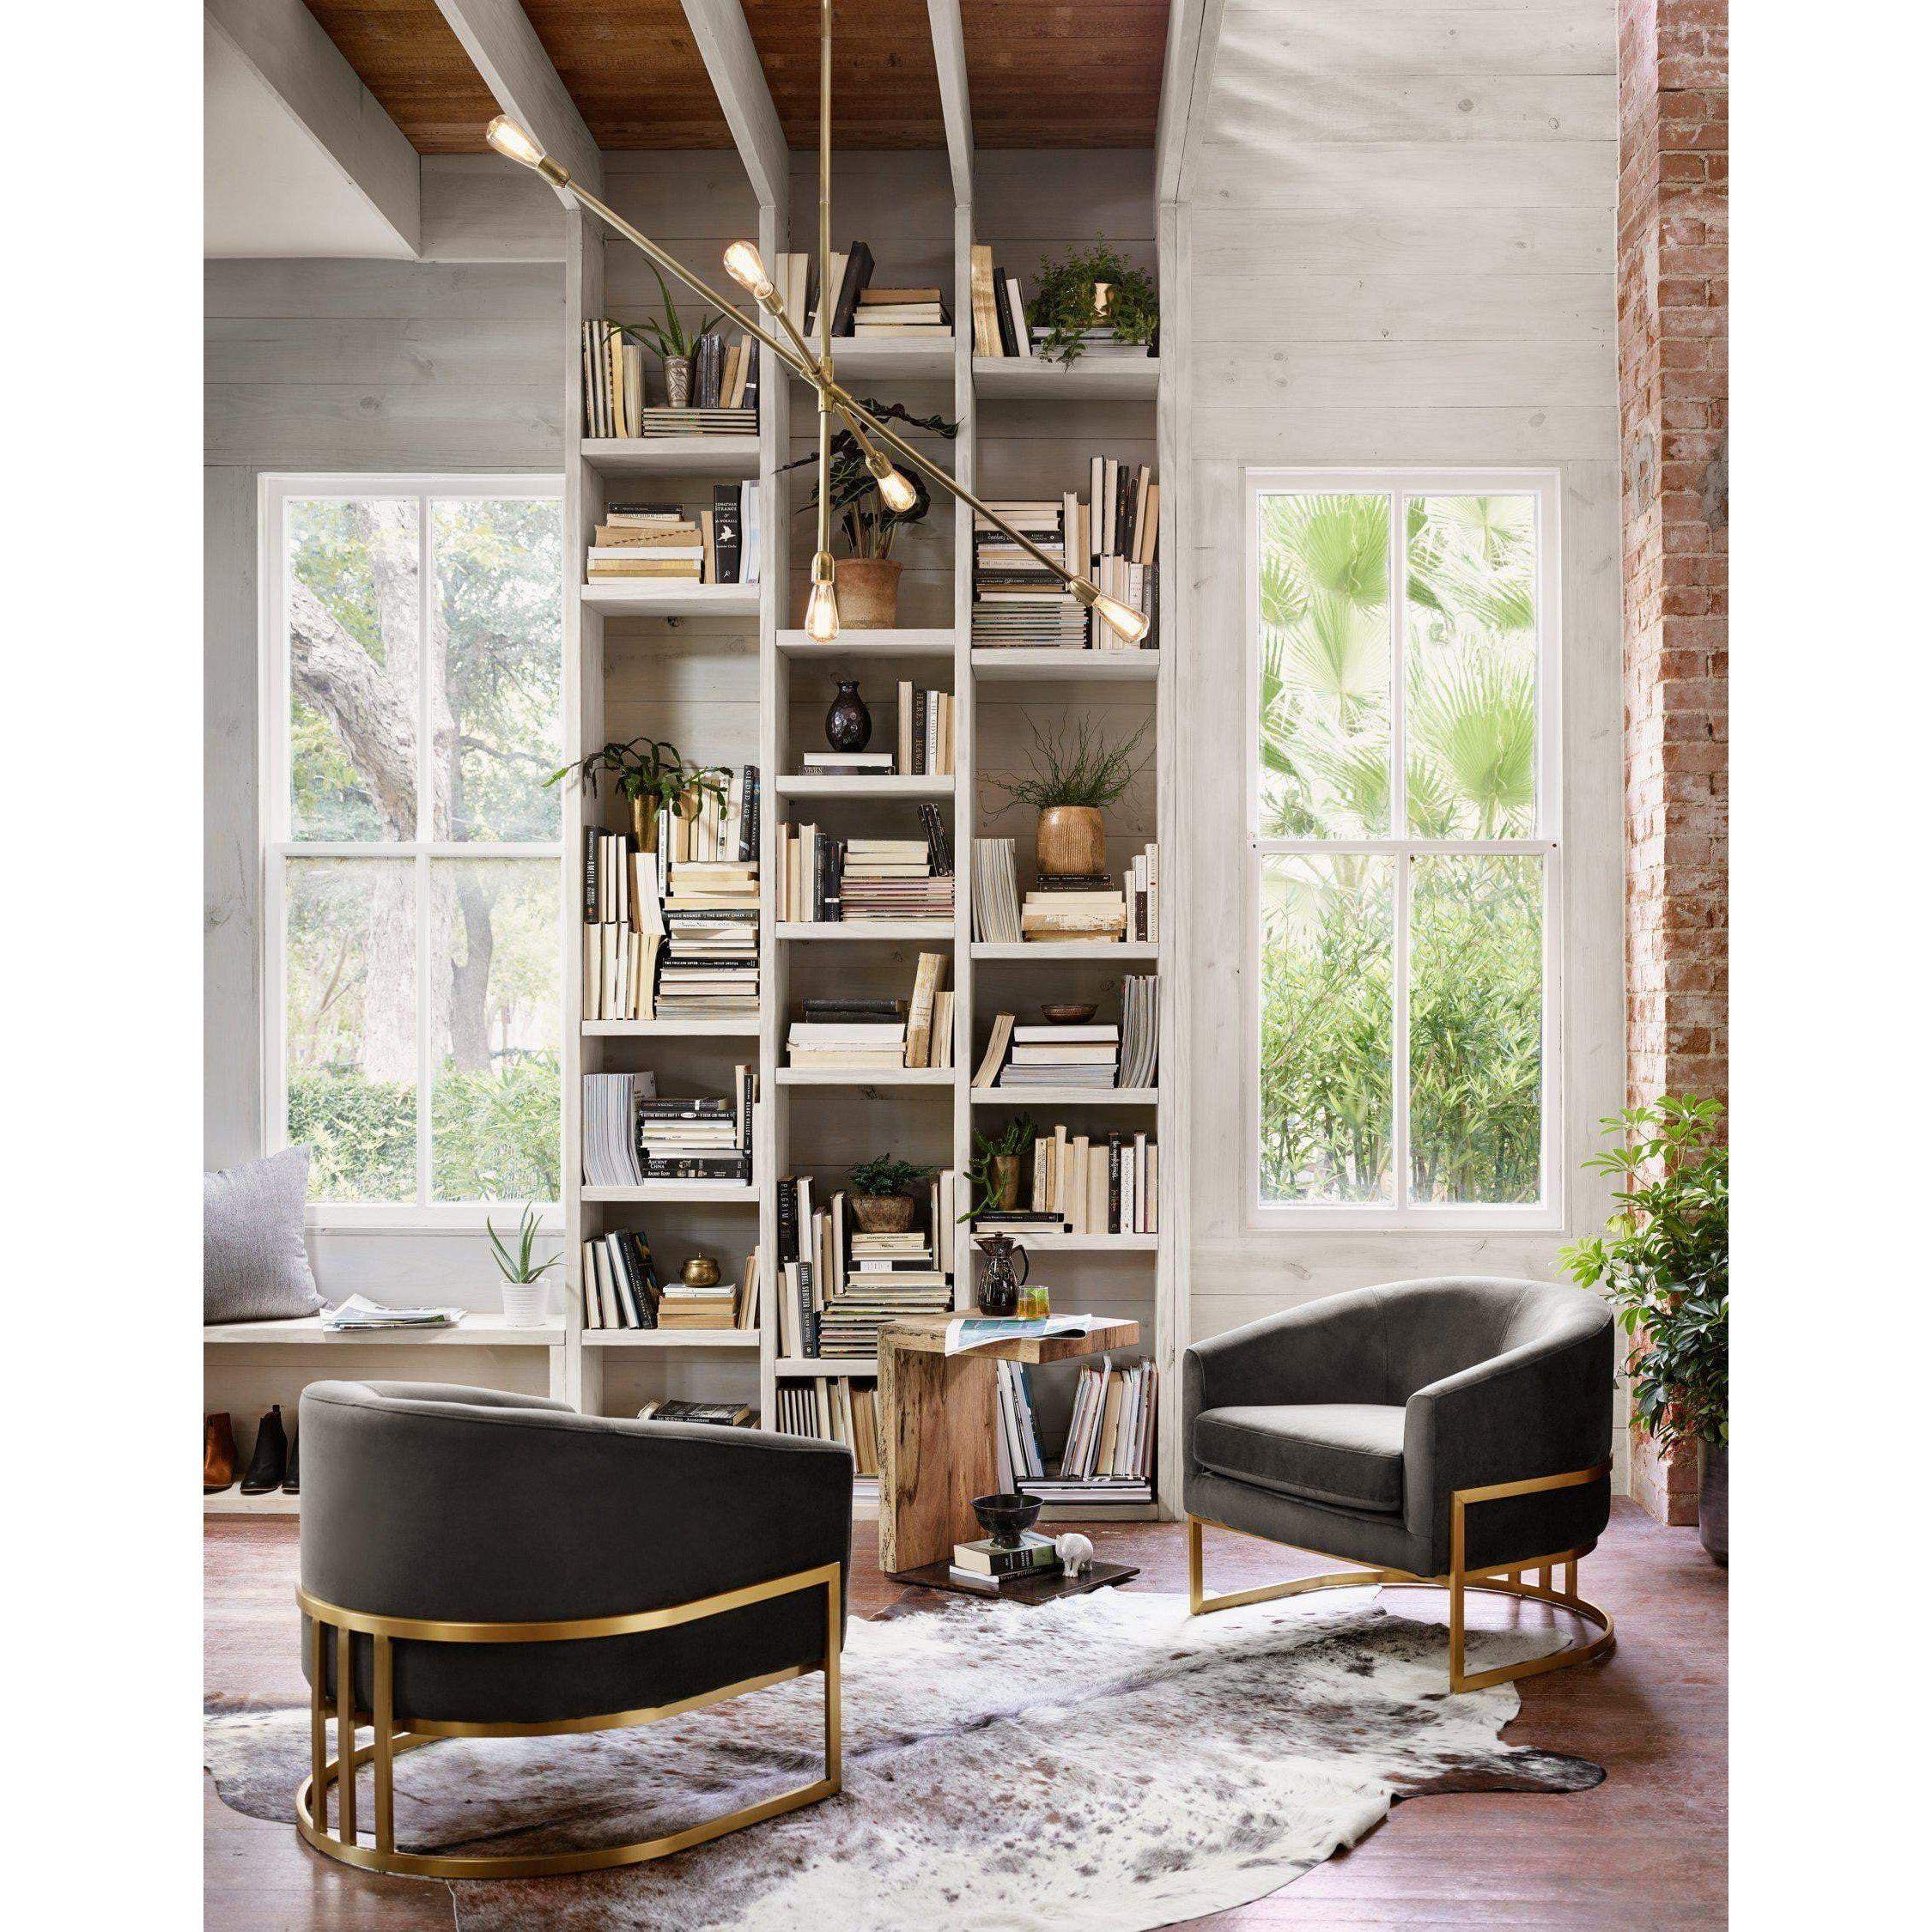 Corbin Velvet Chair (Bella Smoke) - Ashford Collection